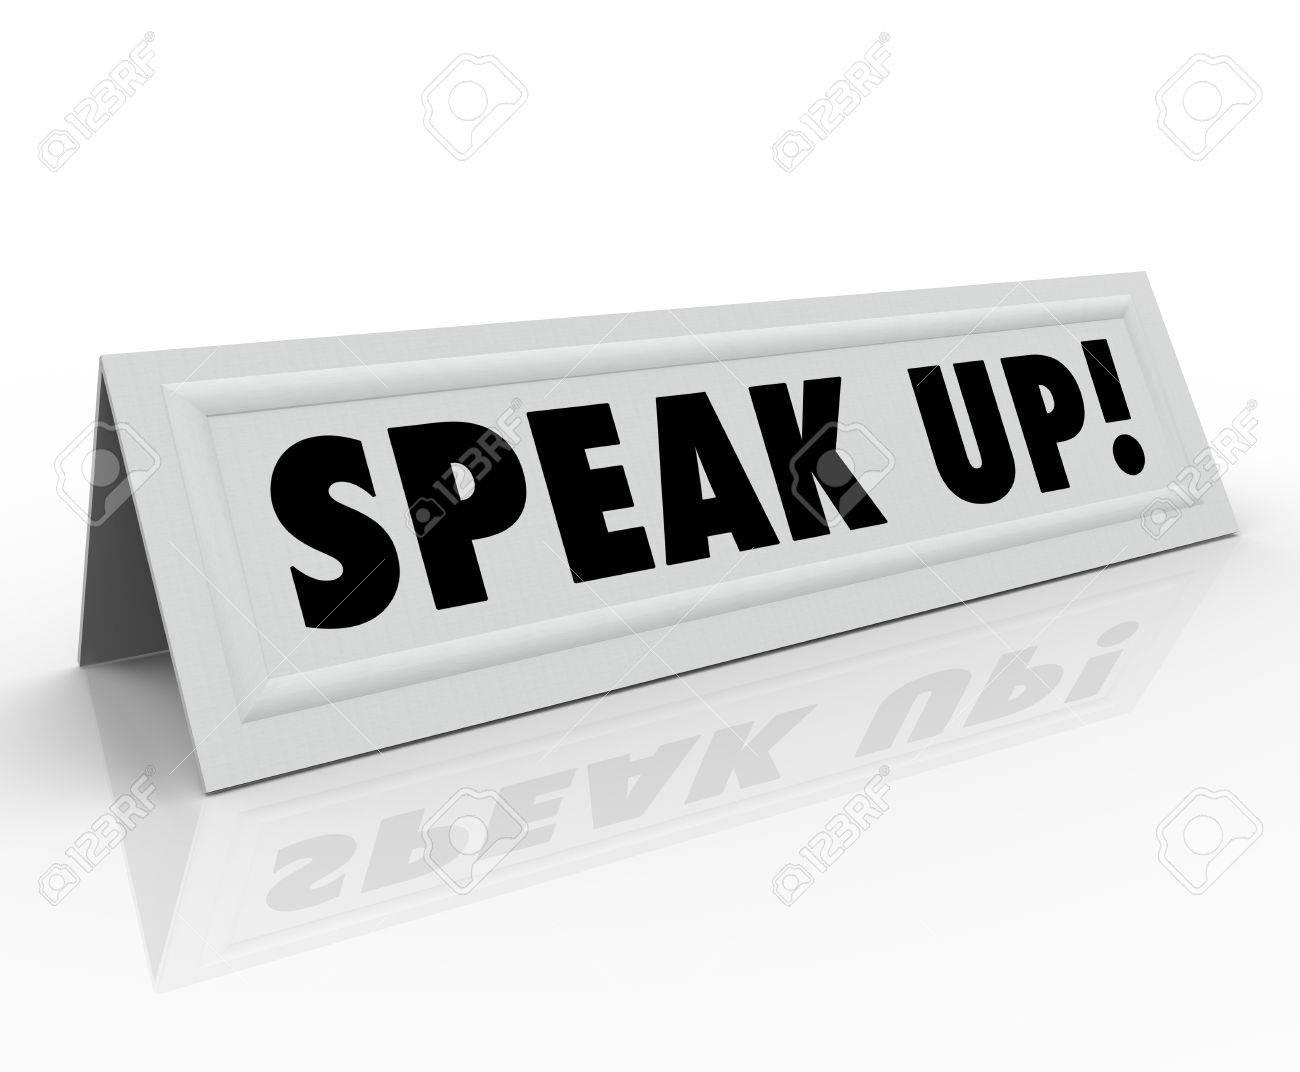 Les Mots Prennent La Parole Sur Une Tente De Papier Ou Carte Visite Vous Invite Partager Vos Penses Ides Commentaires Ractions Avis